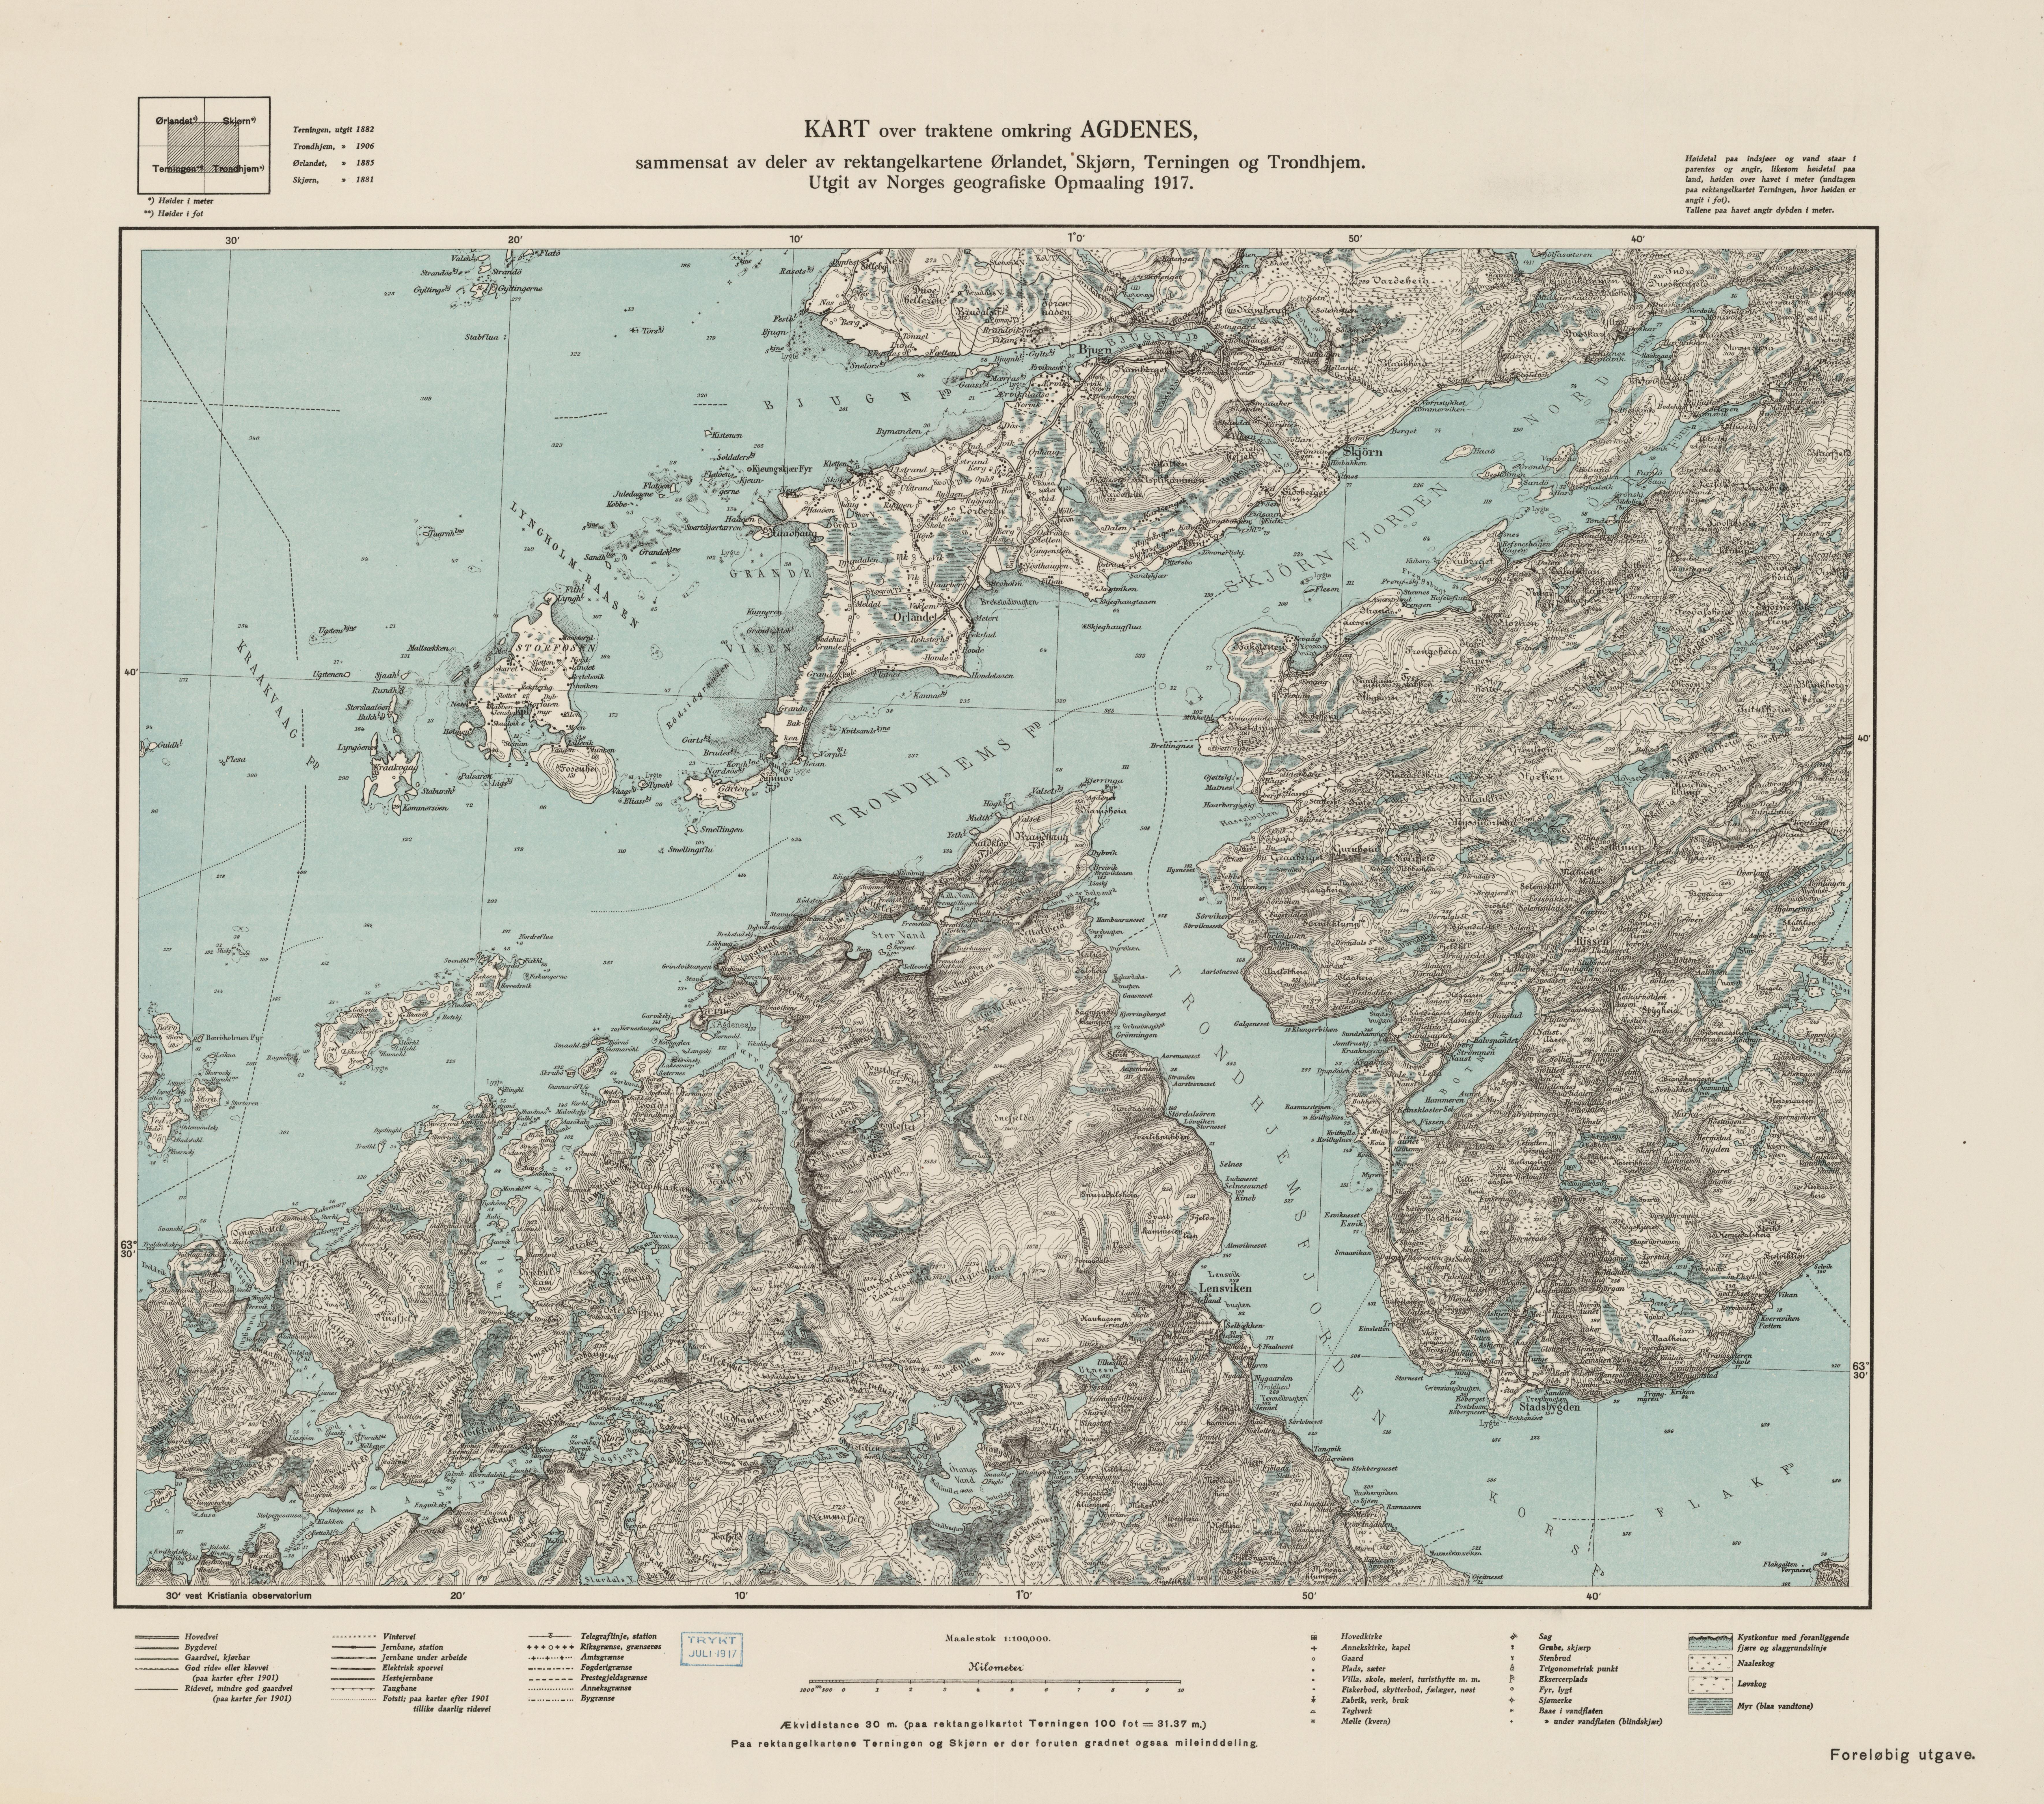 kart over agdenes File:Ekserserplasskart; Kart over traktene omkring Agdenes, 1917  kart over agdenes